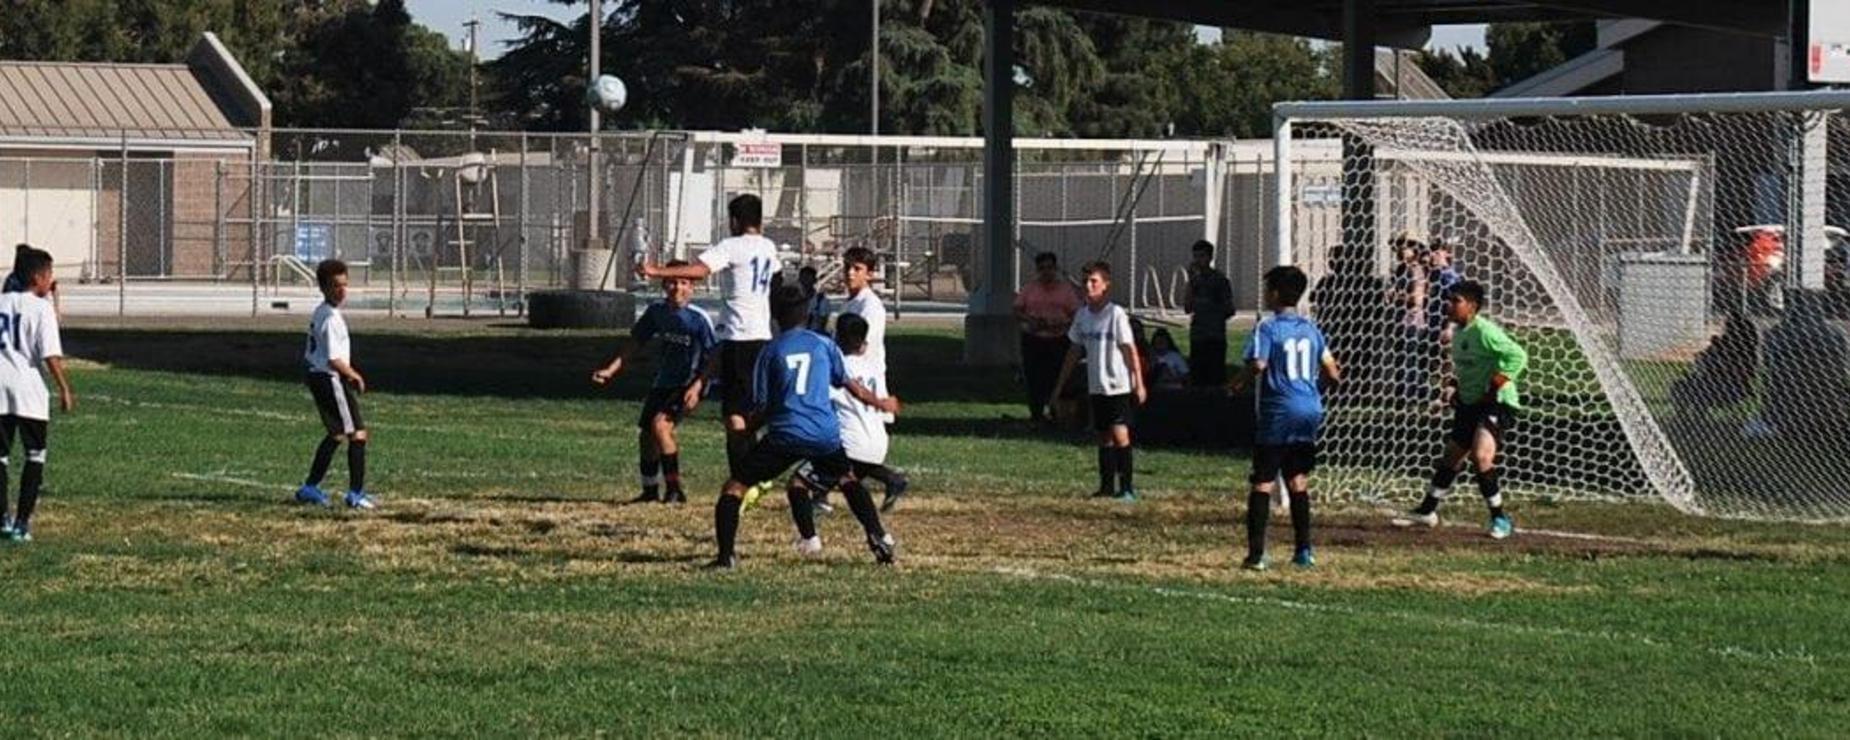 student soccer